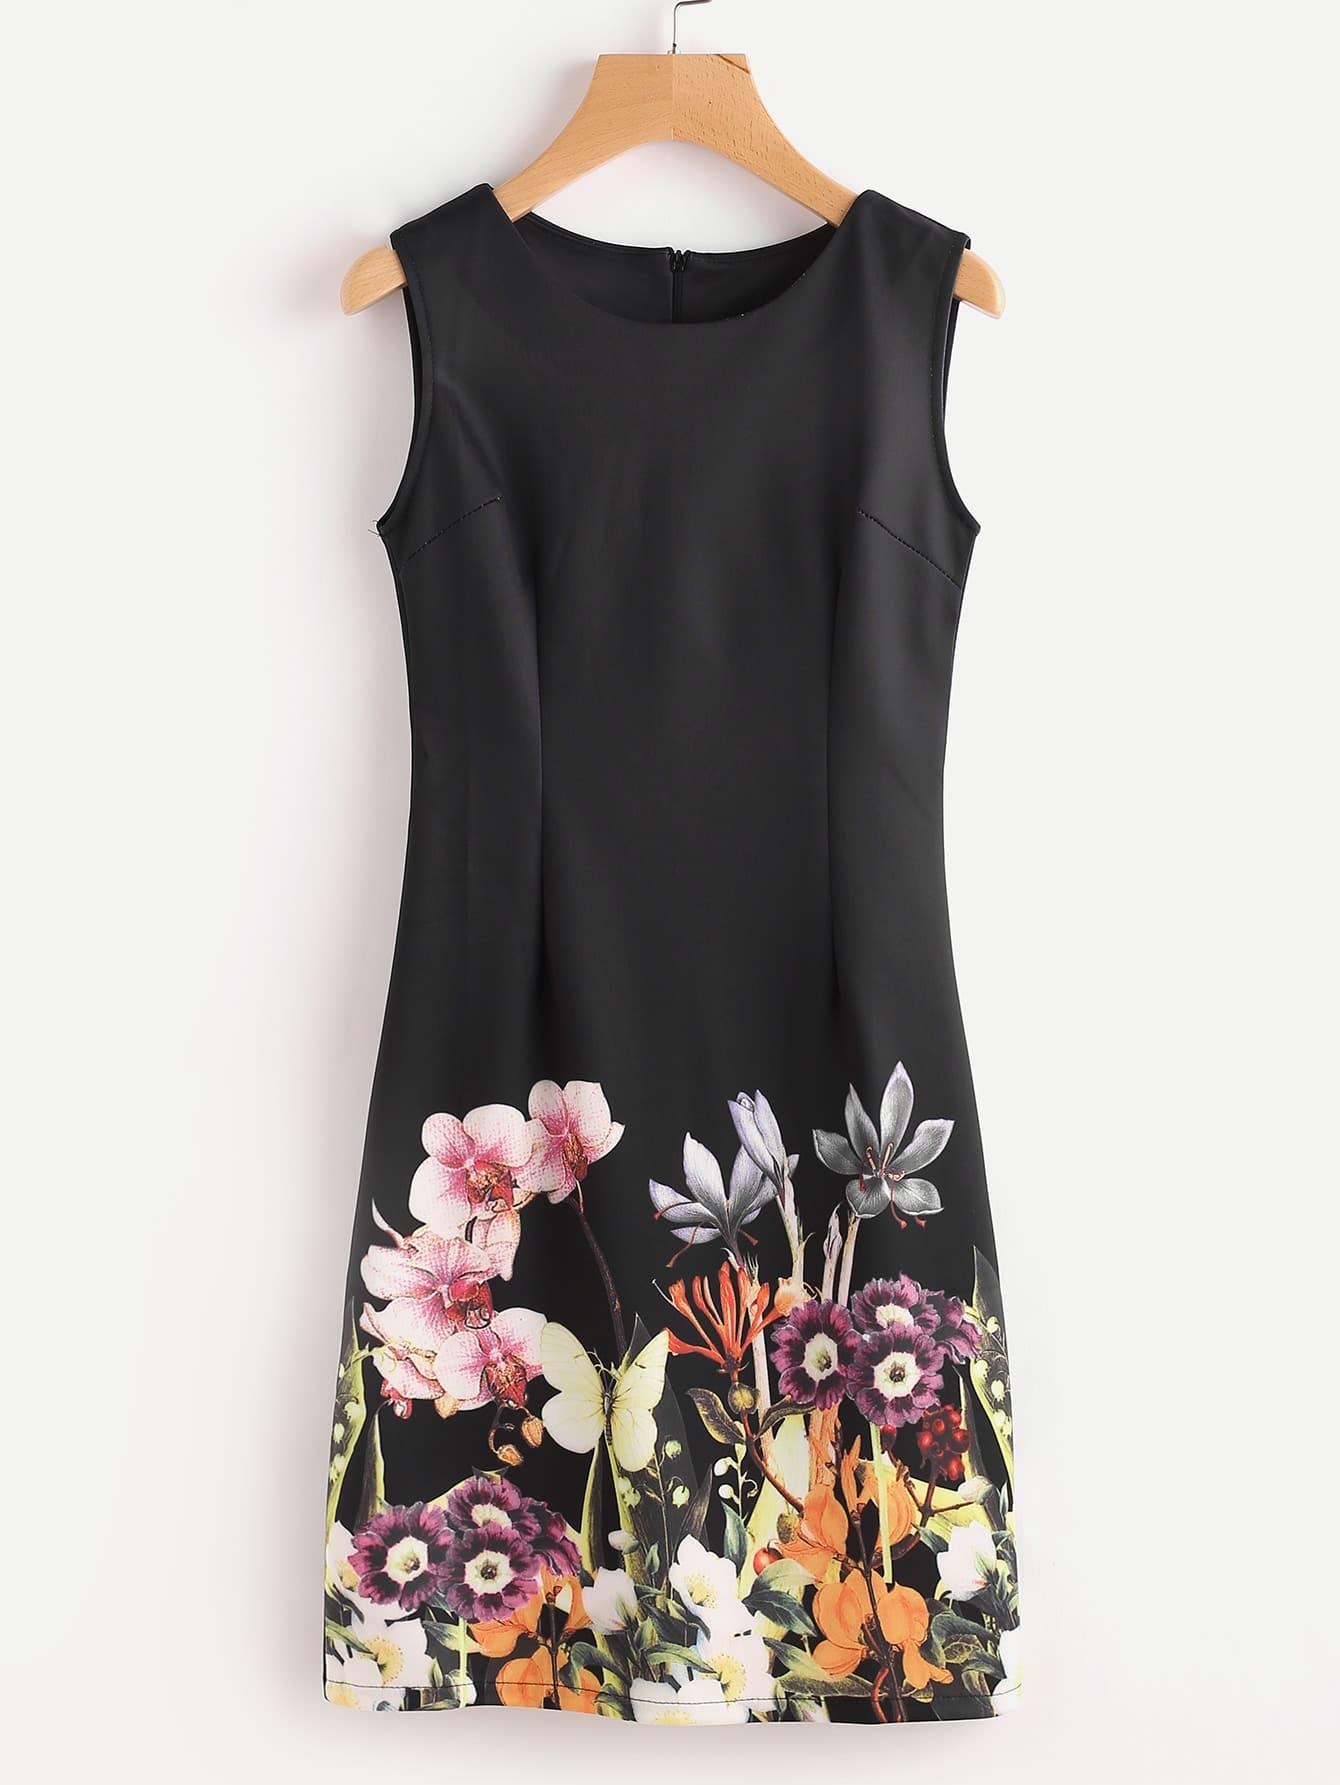 dress170602102_2